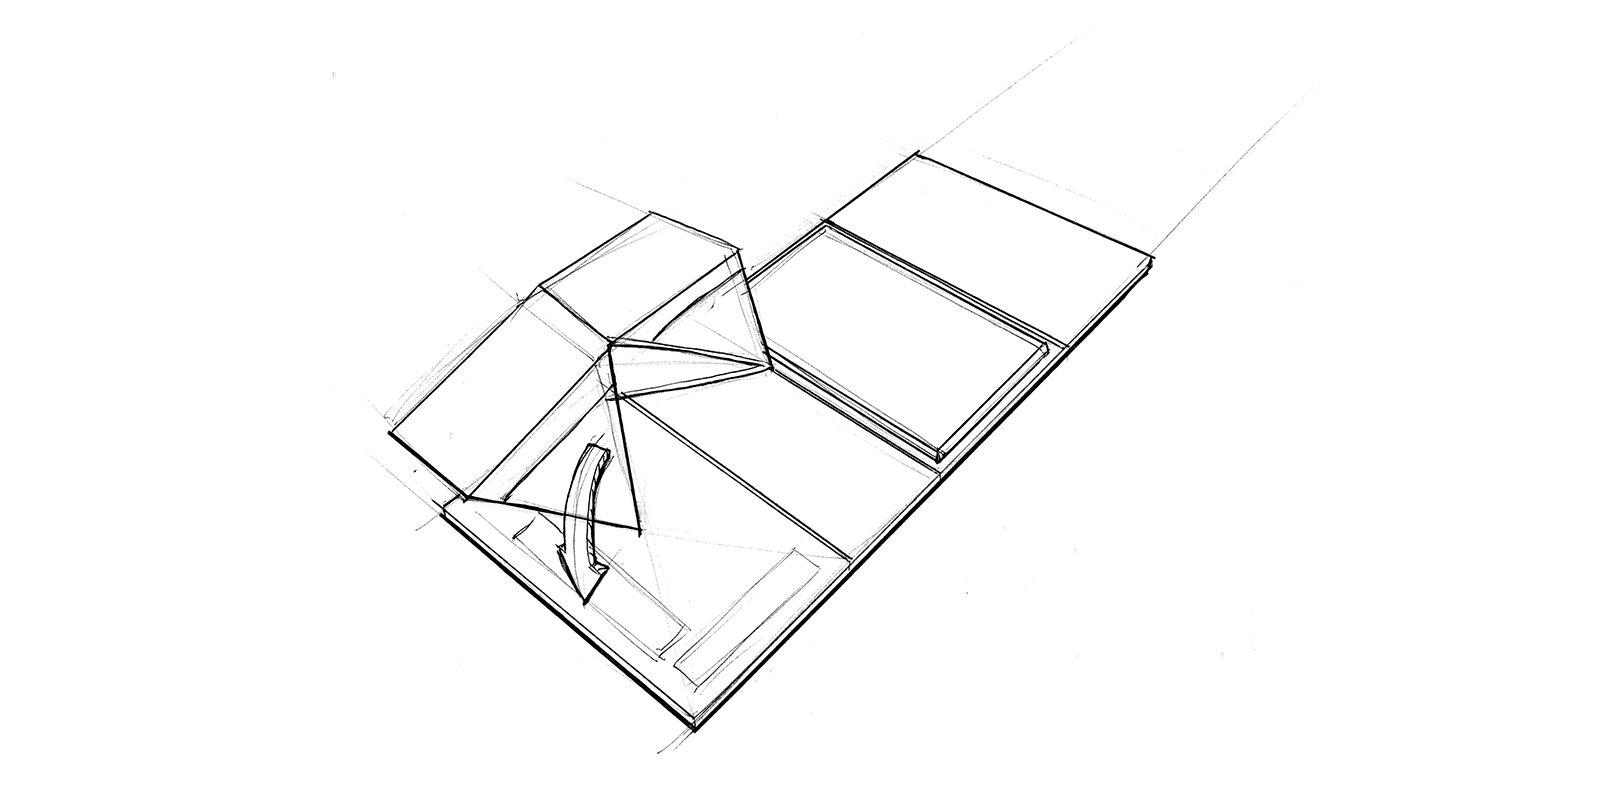 湾流箱包装 - 公司设计-2.jpg